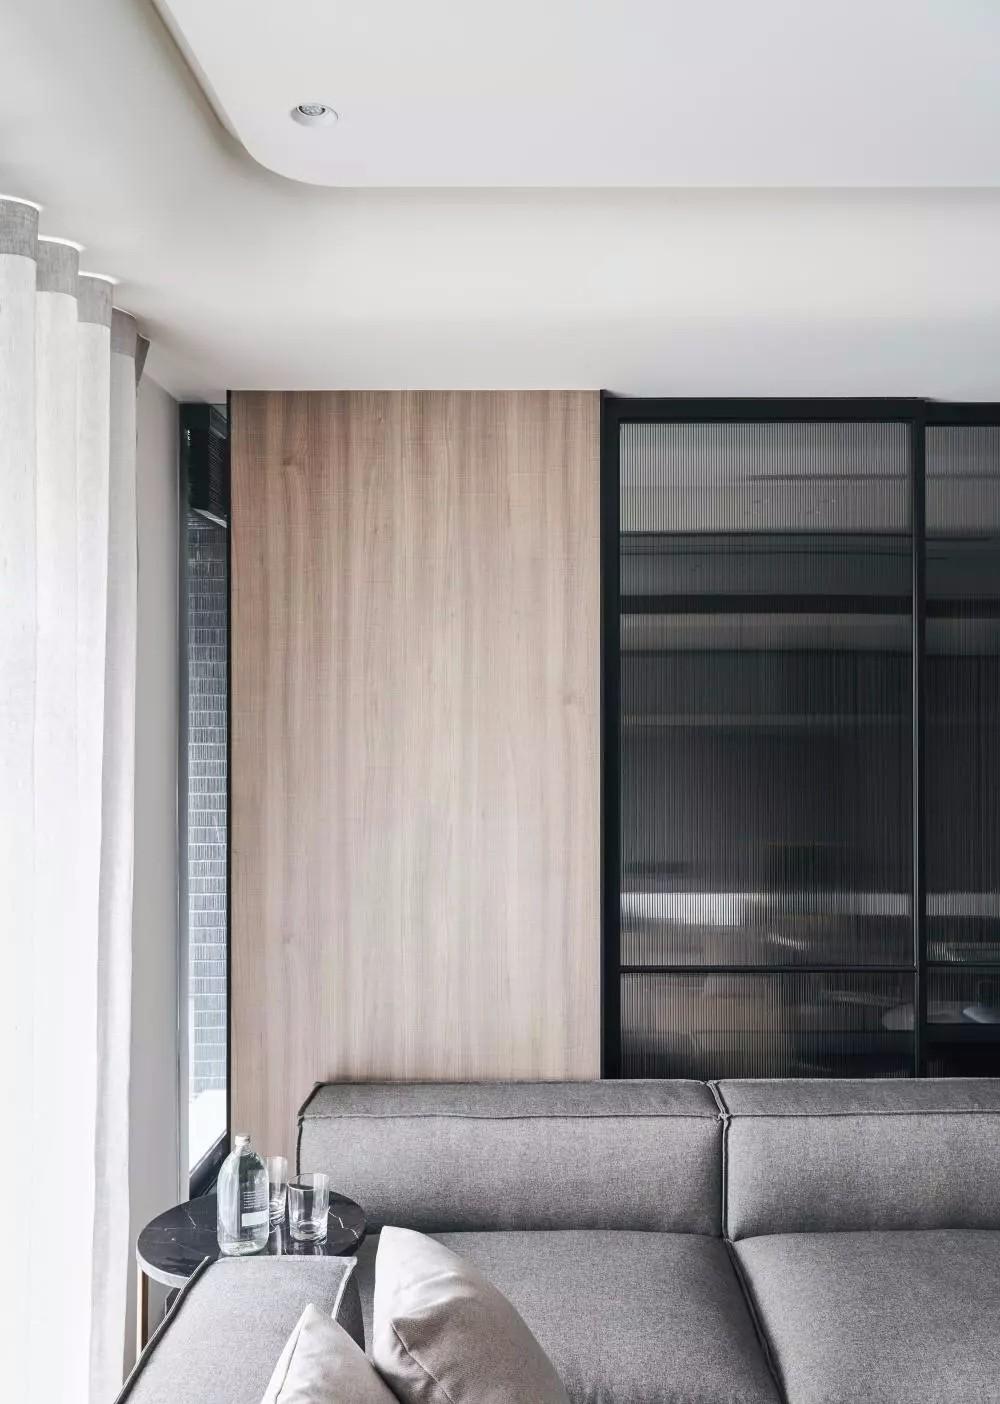 電視墻太有個性,臥室設計更是一絕!11226916